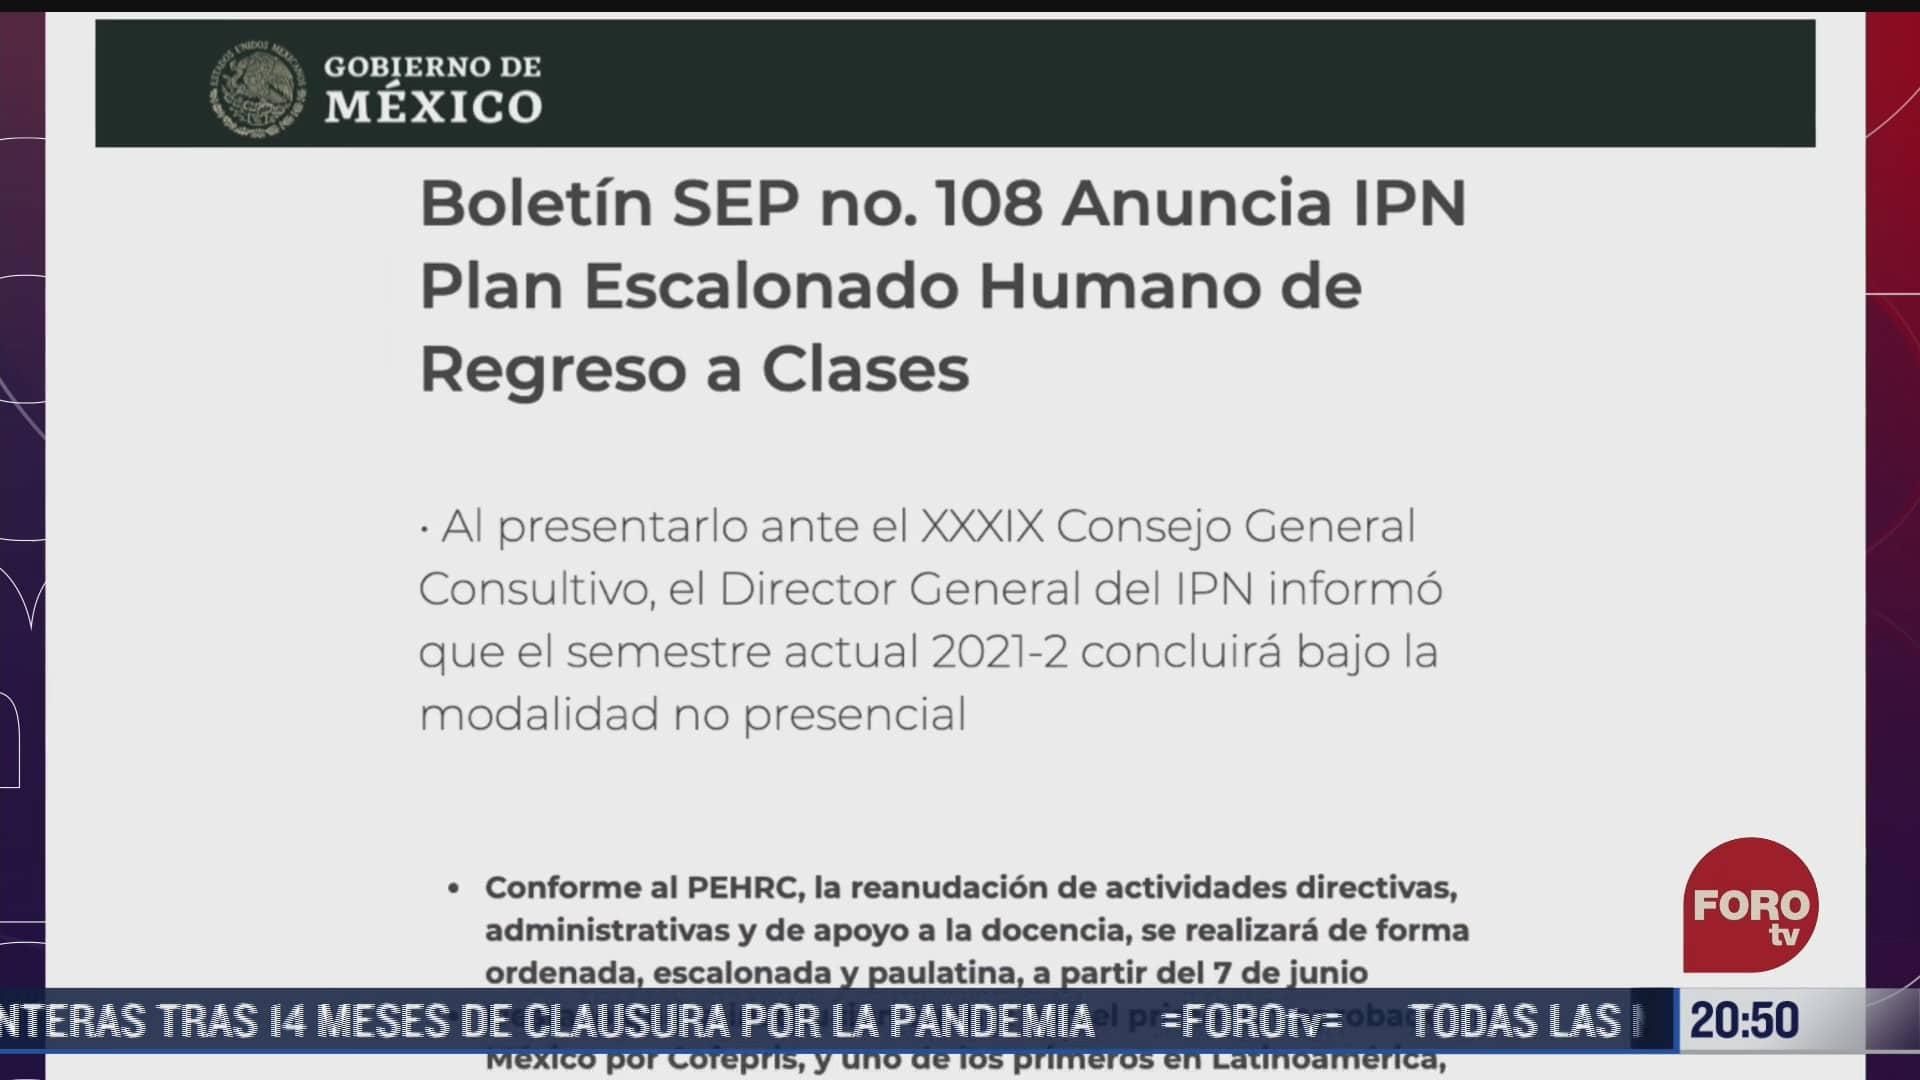 ipn no regresara a clases presenciales el 7 de junio